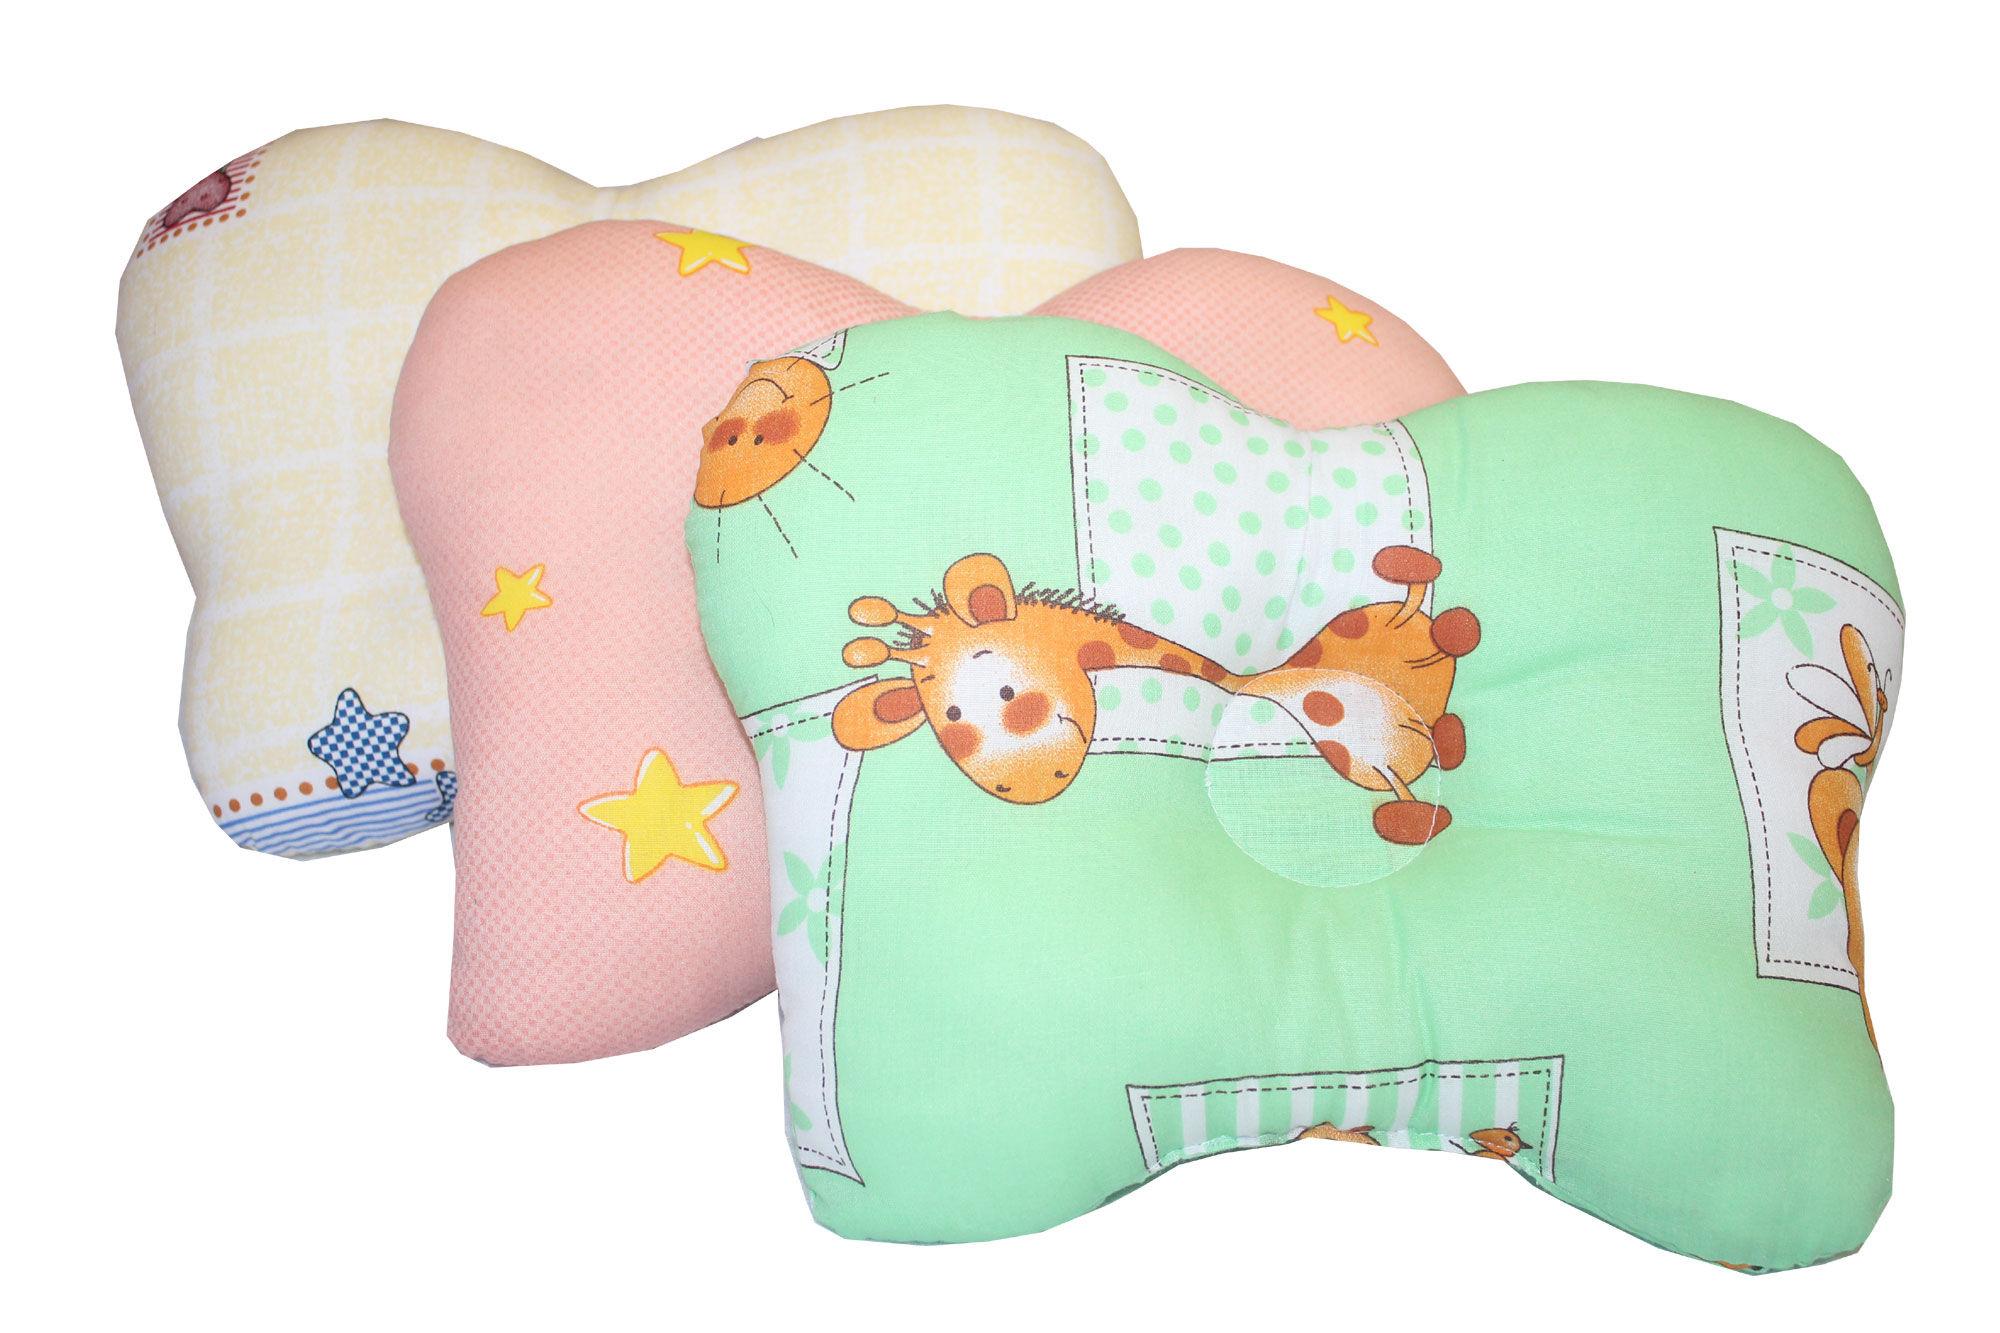 цена Покрывала, подушки, одеяла для малышей Монис Стиль Подушка анатомическая Бабочка онлайн в 2017 году